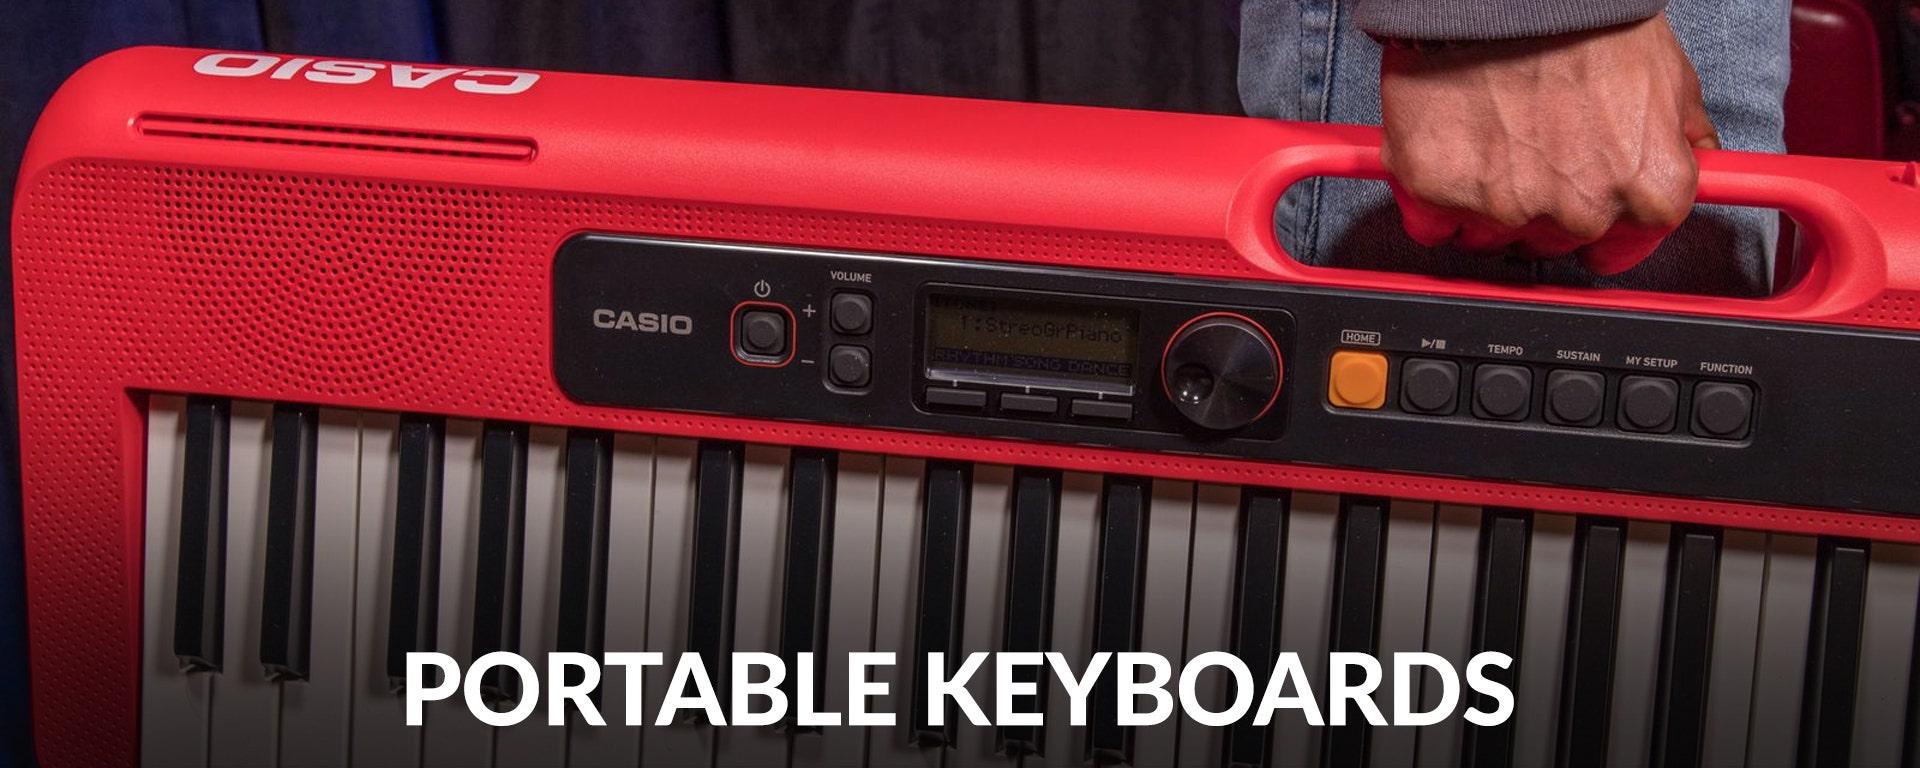 Portable Keyboards at SamAsh.com